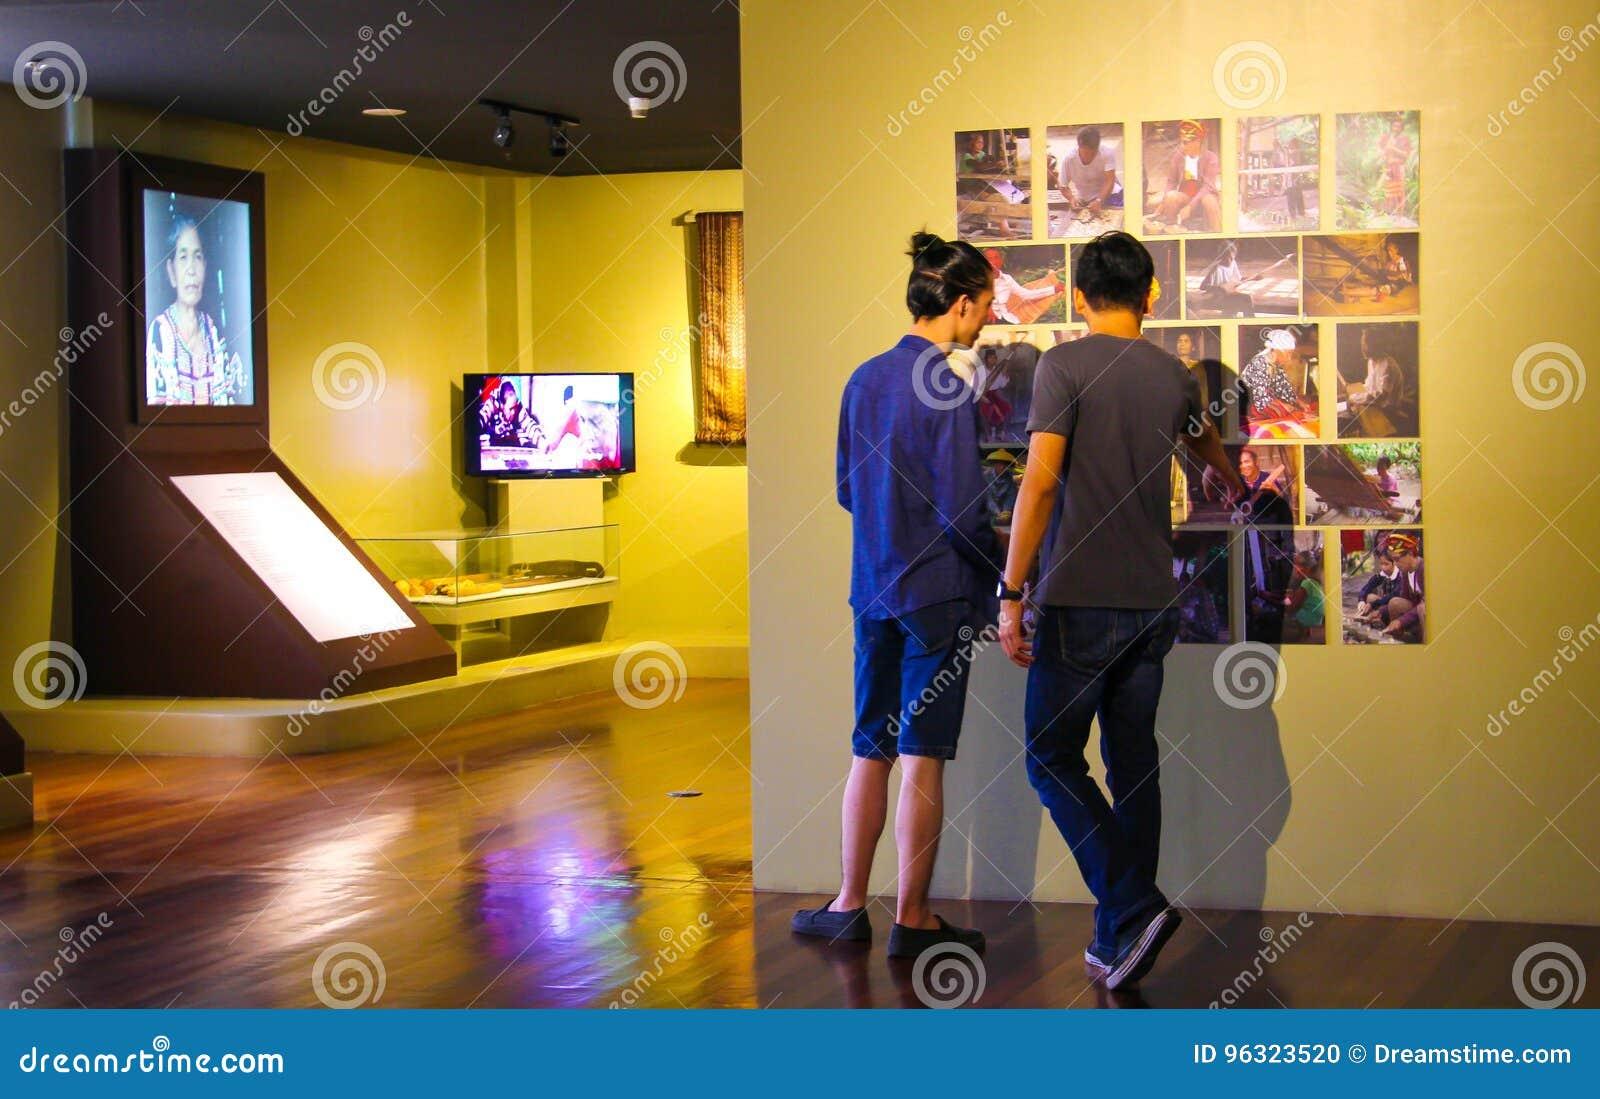 Männer, die ein Museum besichtigen